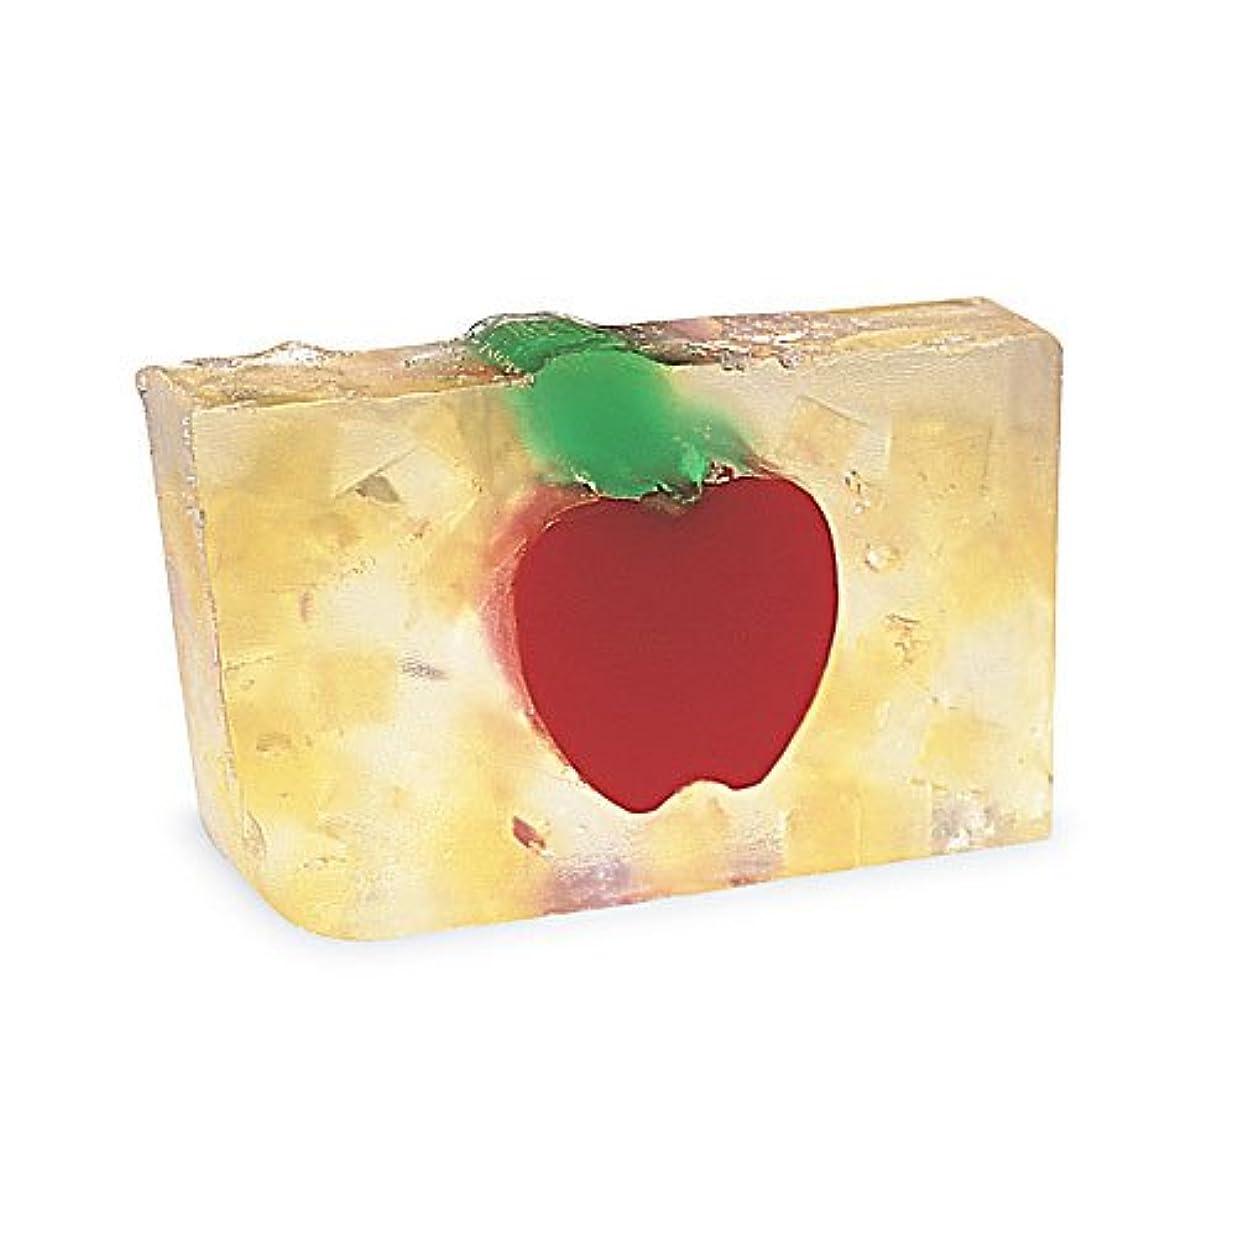 バリー頑固な恒久的プライモールエレメンツ アロマティック ソープ ビッグアップル 180g 植物性 ナチュラル 石鹸 無添加